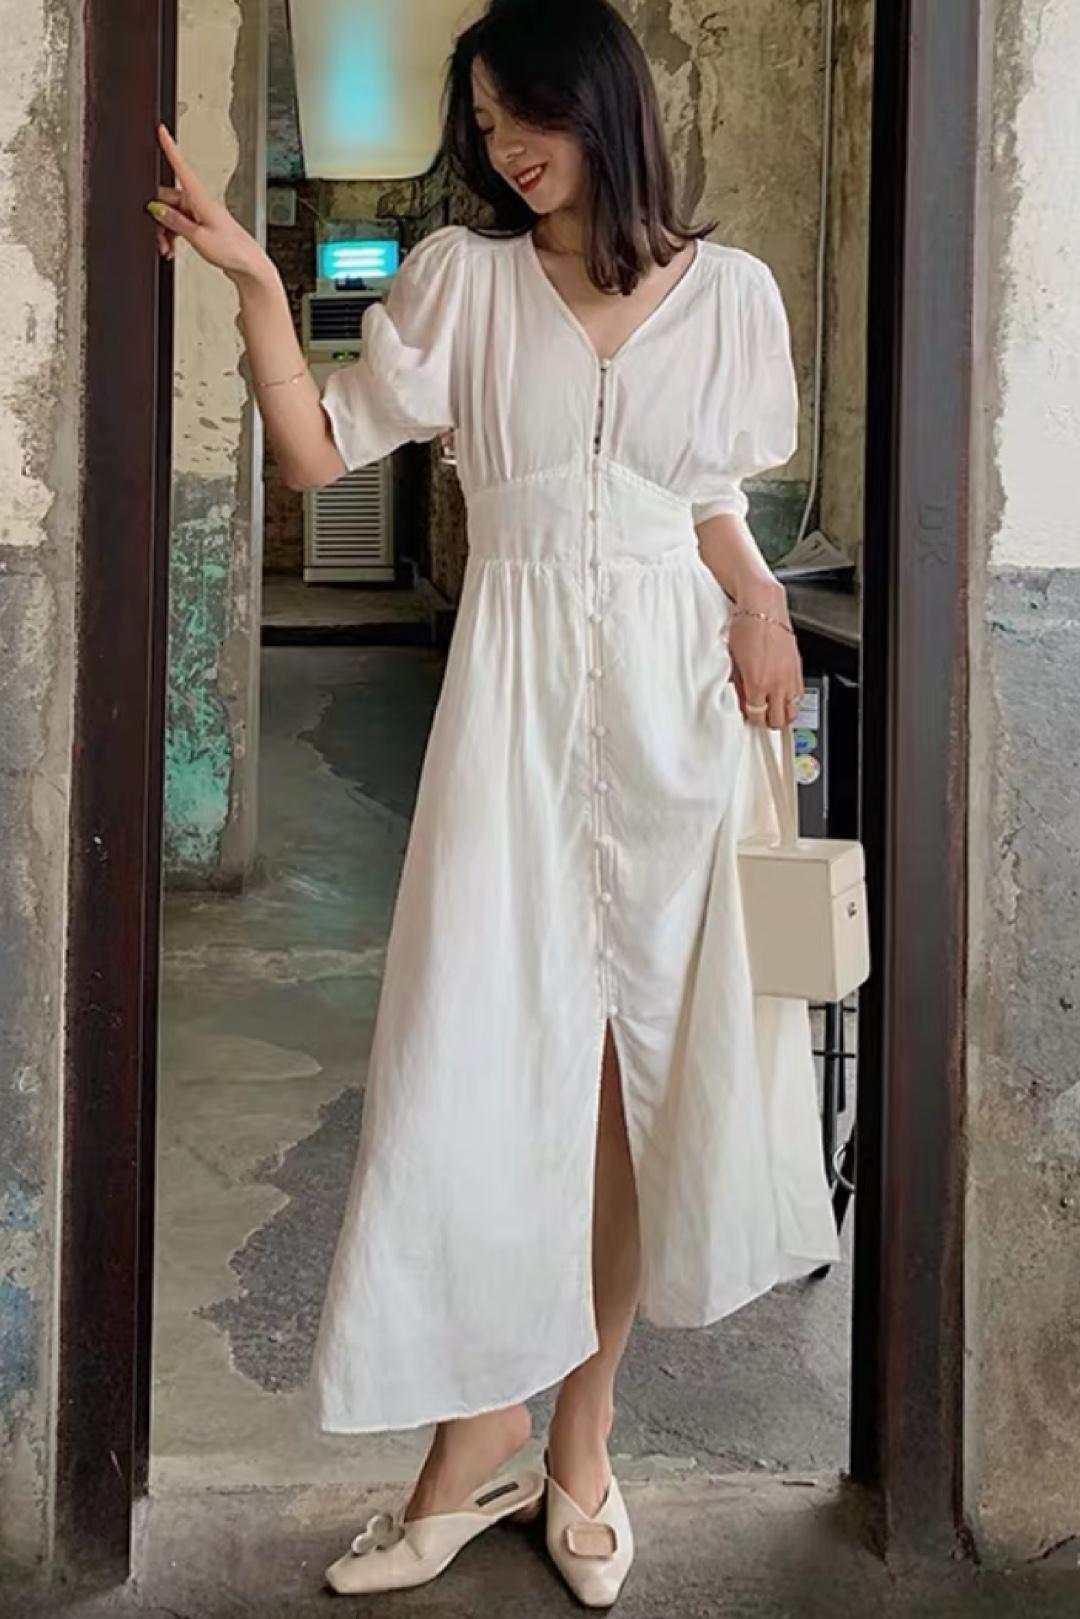 #不p图也能拥有大长腿!# 5法式白色v领亚麻连衣裙 单排扣收腰长裙 腰线位置很好的提高了比例 然后白色的颜色 特别舒服 因为是白色的长裙 所以我的搭配就尽量简单一些 白色的单鞋 修长腿 然后白色的方块手提包 让整体的搭配比较有意思一些